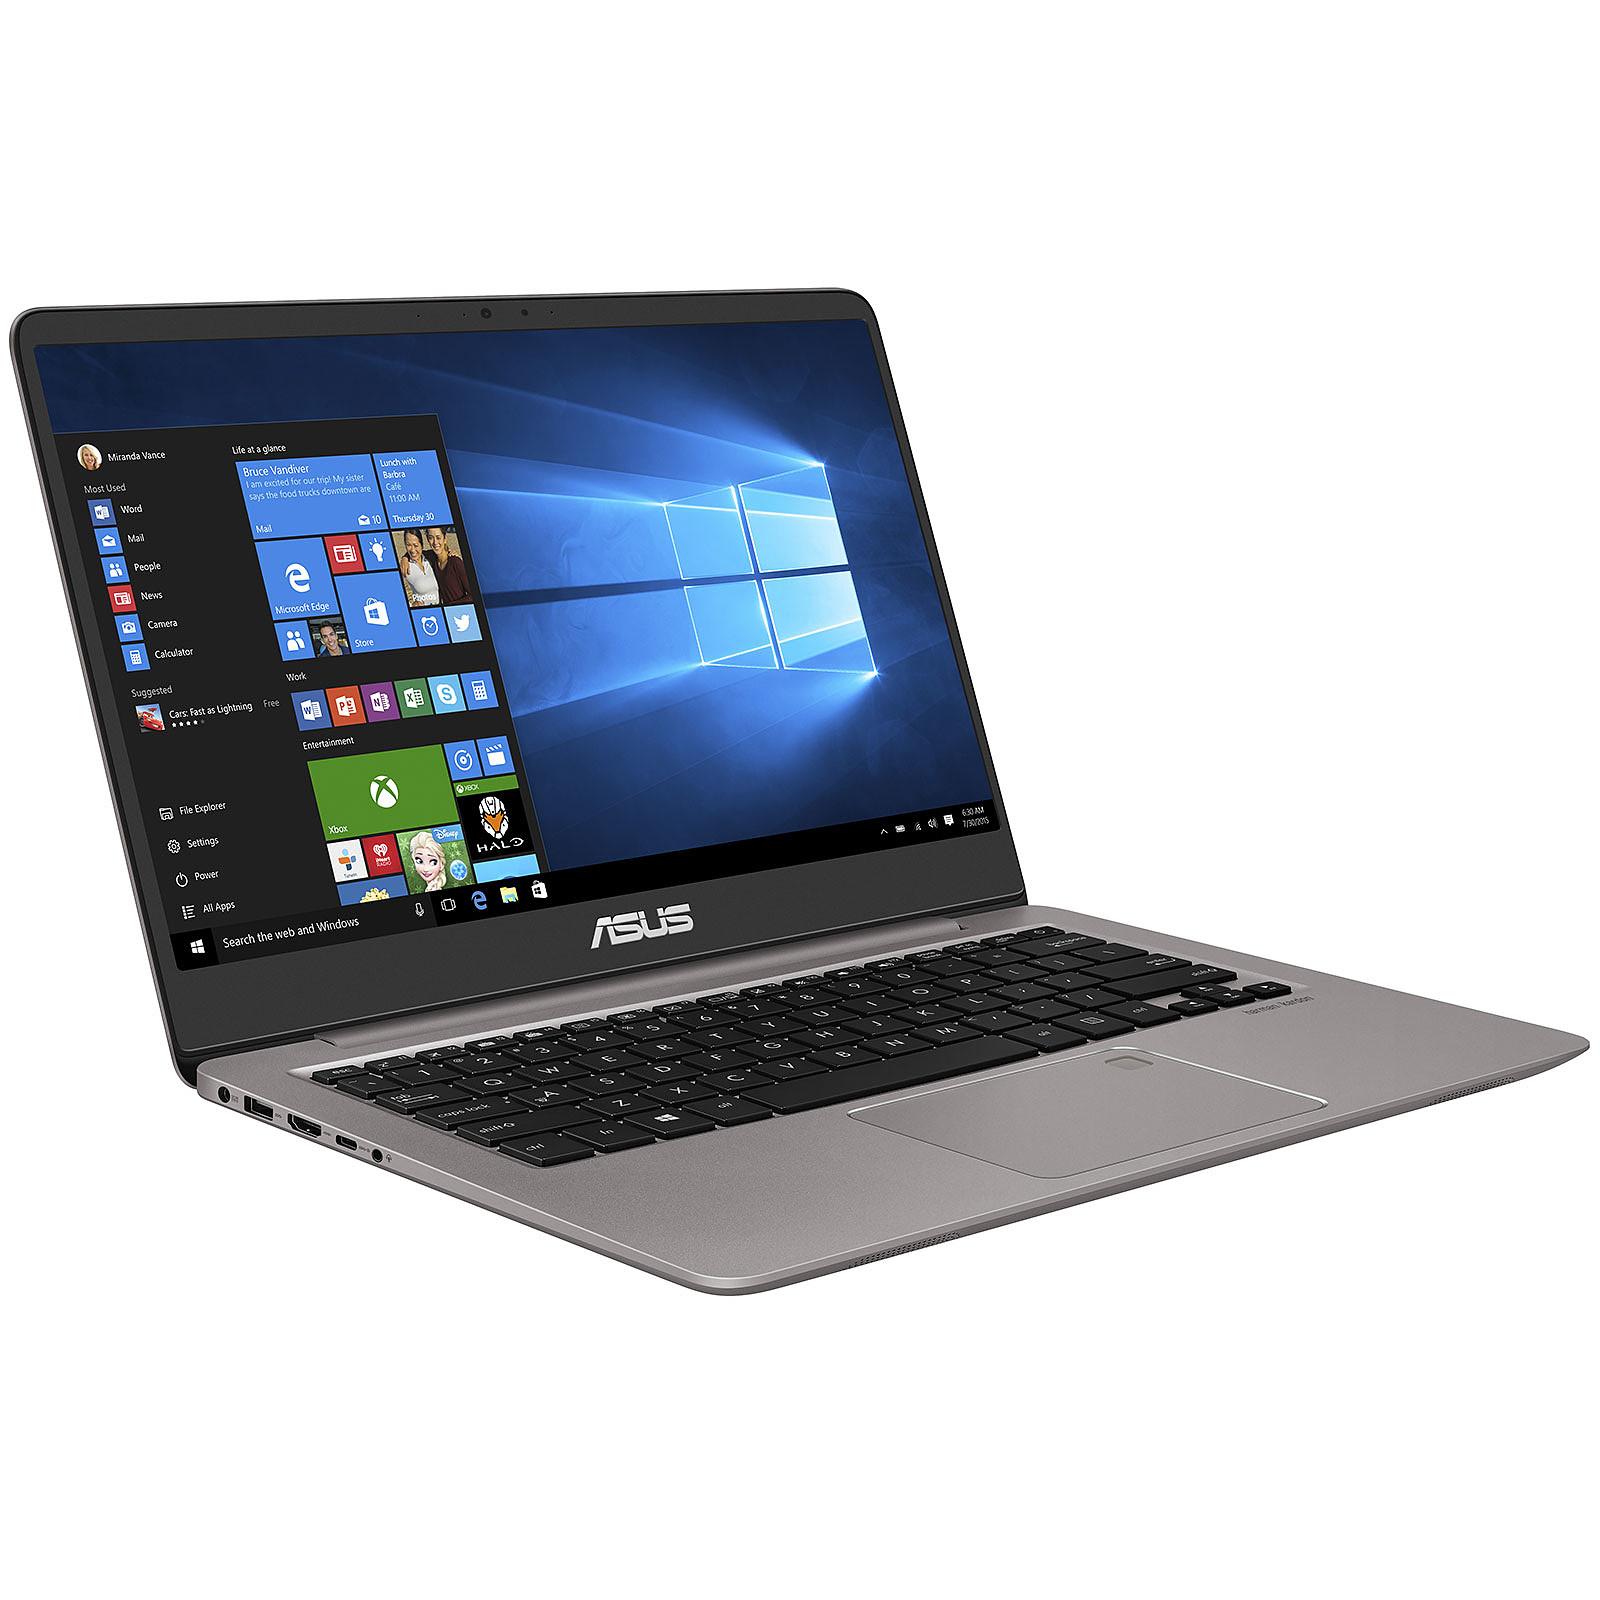 ASUS Zenbook UX410UA-GV069T